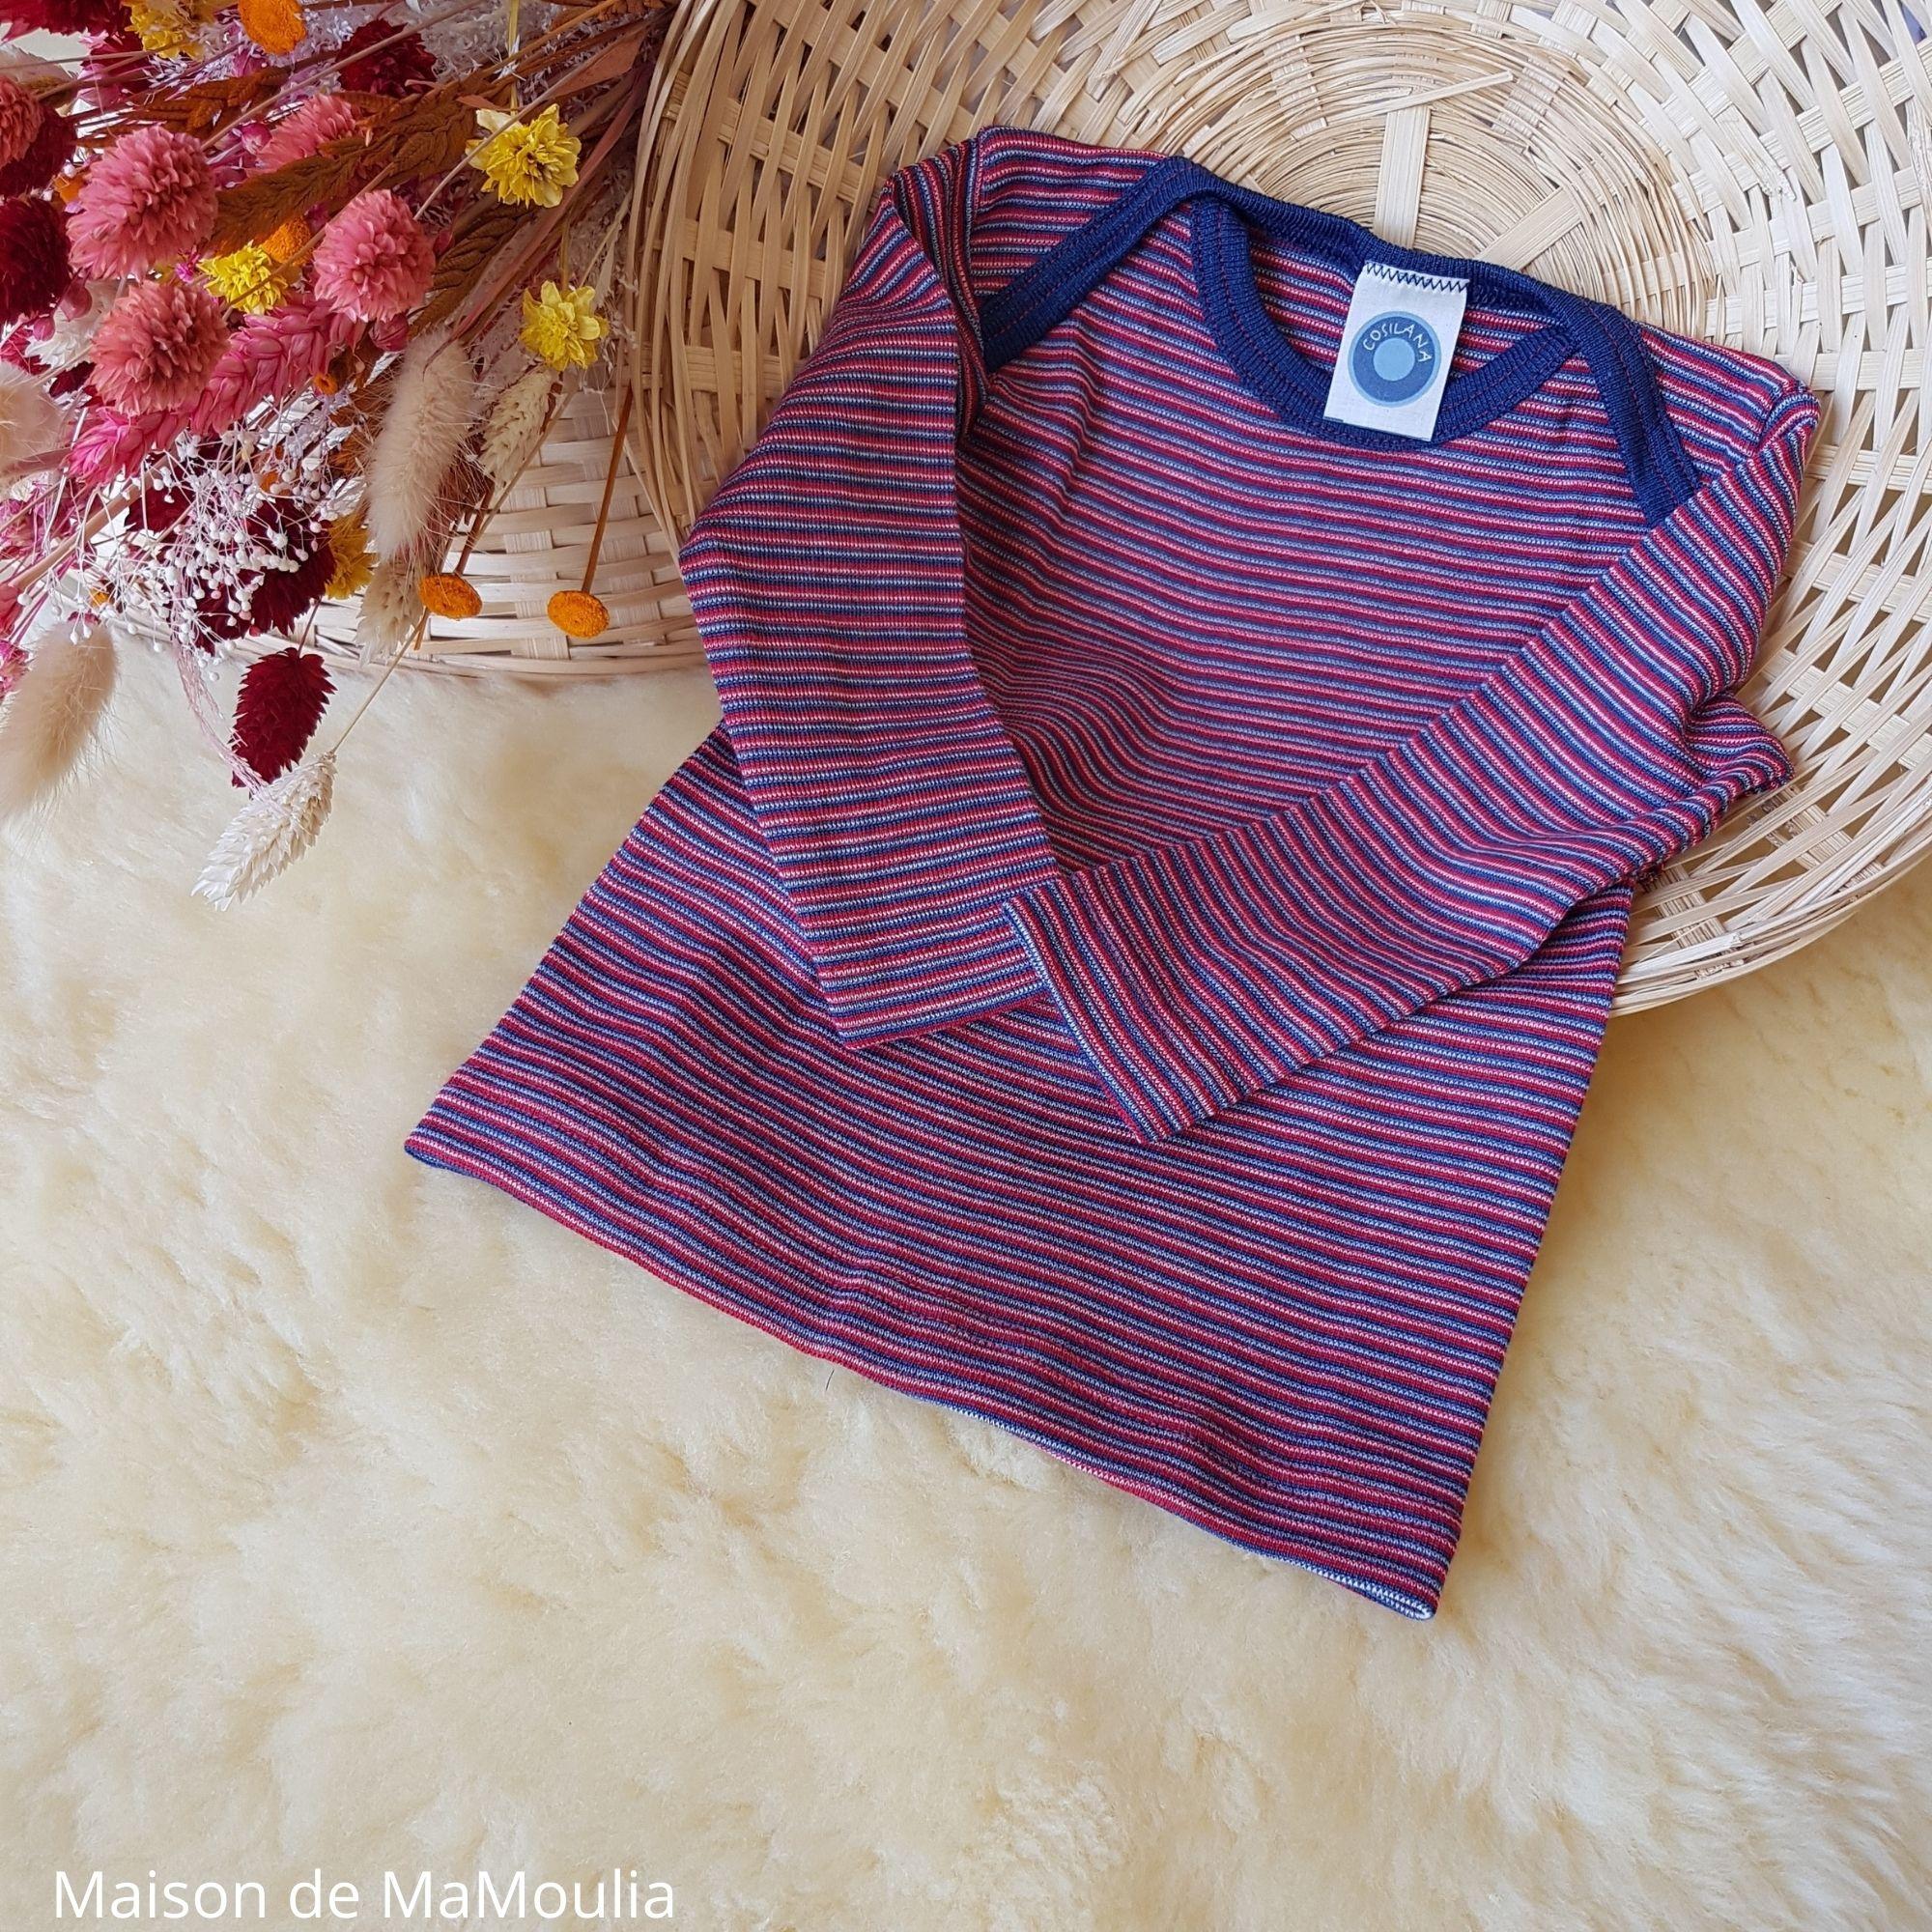 tshirt-thermoregulateur-cosilana-laine-soie-bebe-enfant-maison-de-mamoulia-rouge-bleu-manches-longues